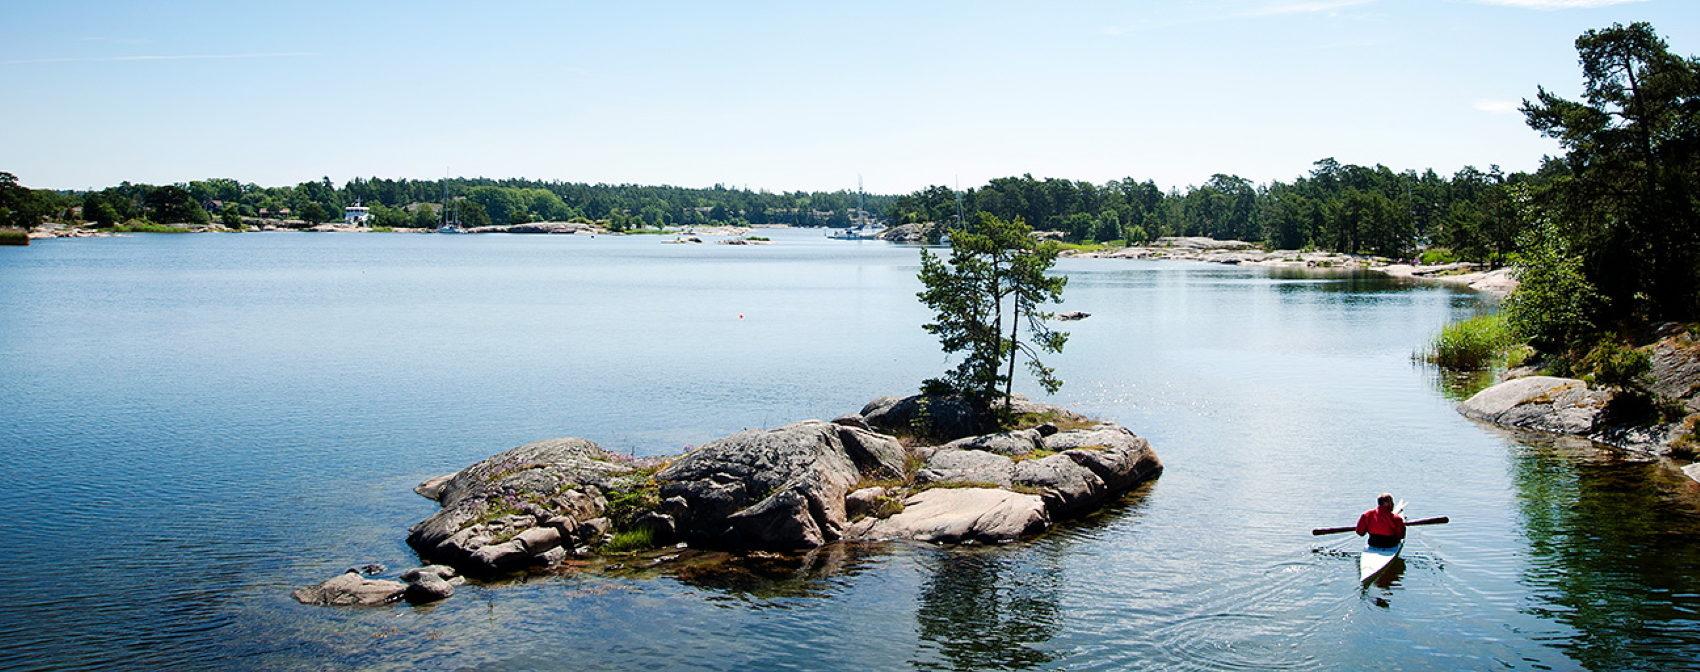 Stendörren_Visit Nyköping